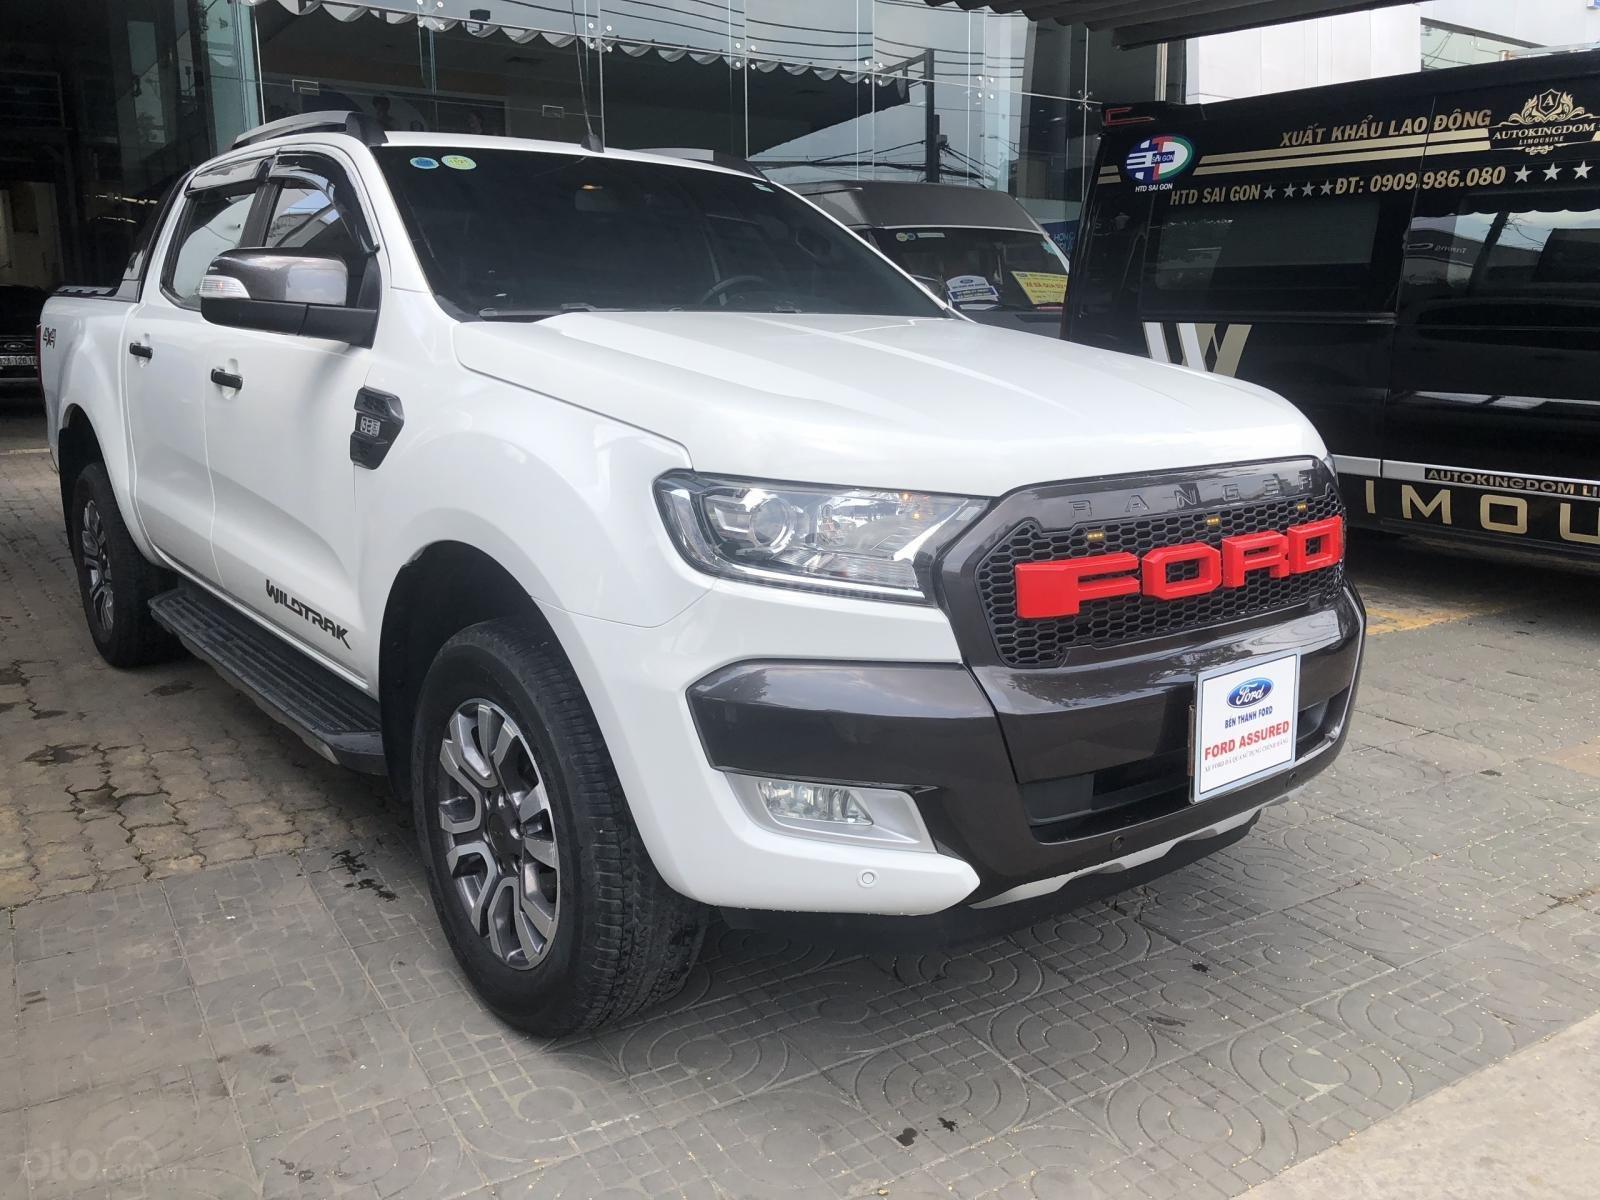 Cần bán Ford Ranger Wildtrak 3.2L 2016 trắng Ngọc Trinh, vay 70%, BH hãng (3)